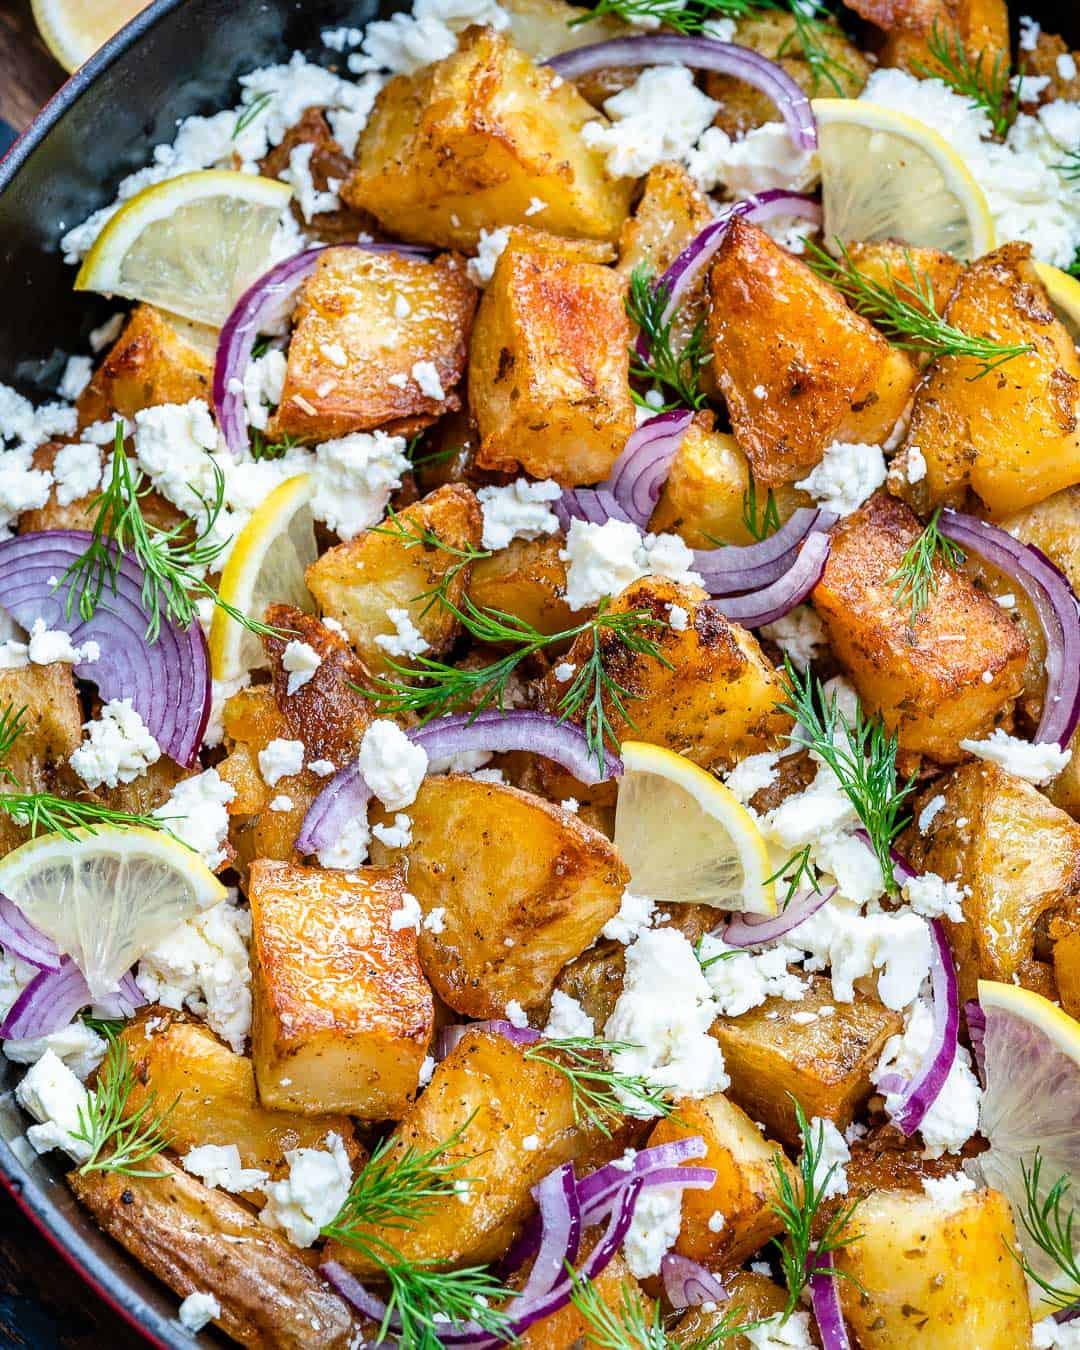 Crispy Greek potato bake